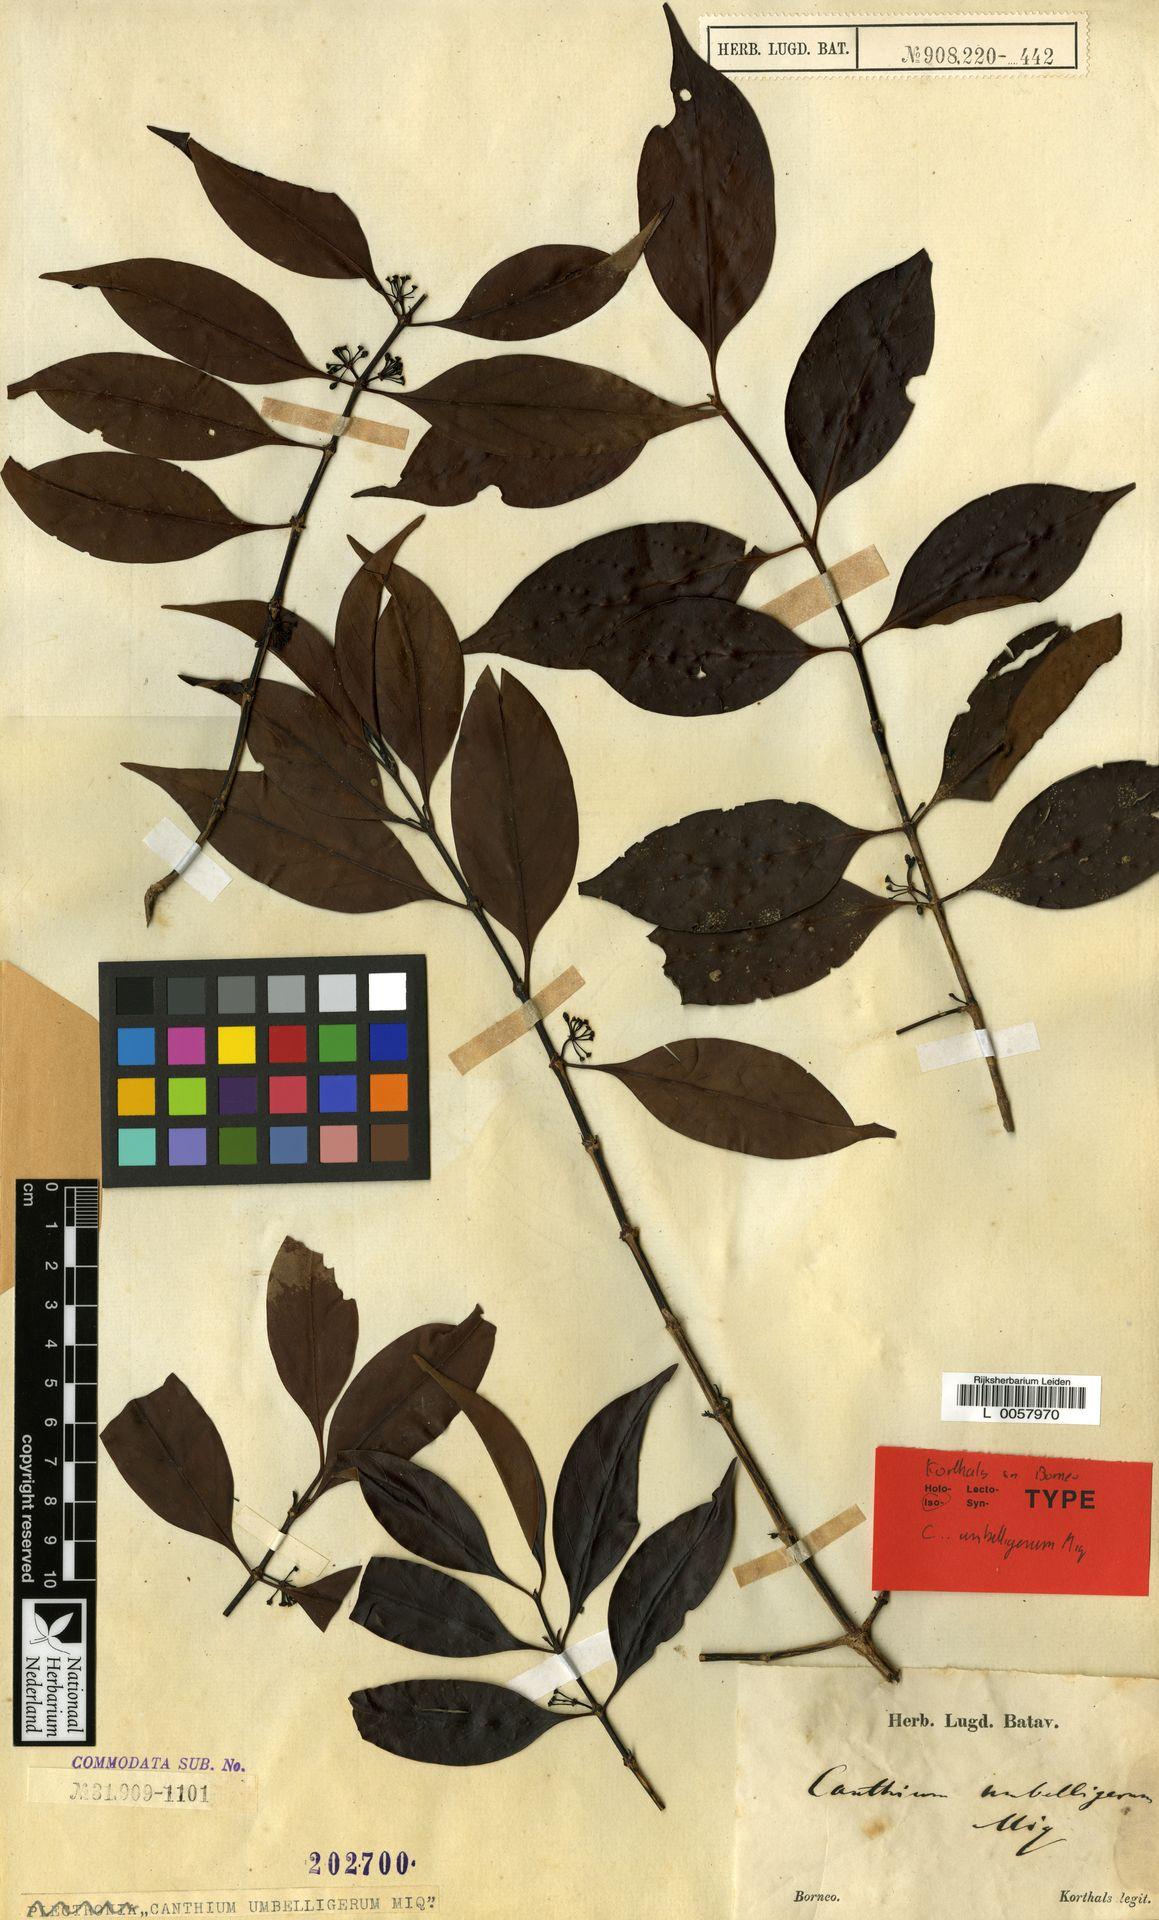 L  0057970 | Canthium umbelligerum Miq.